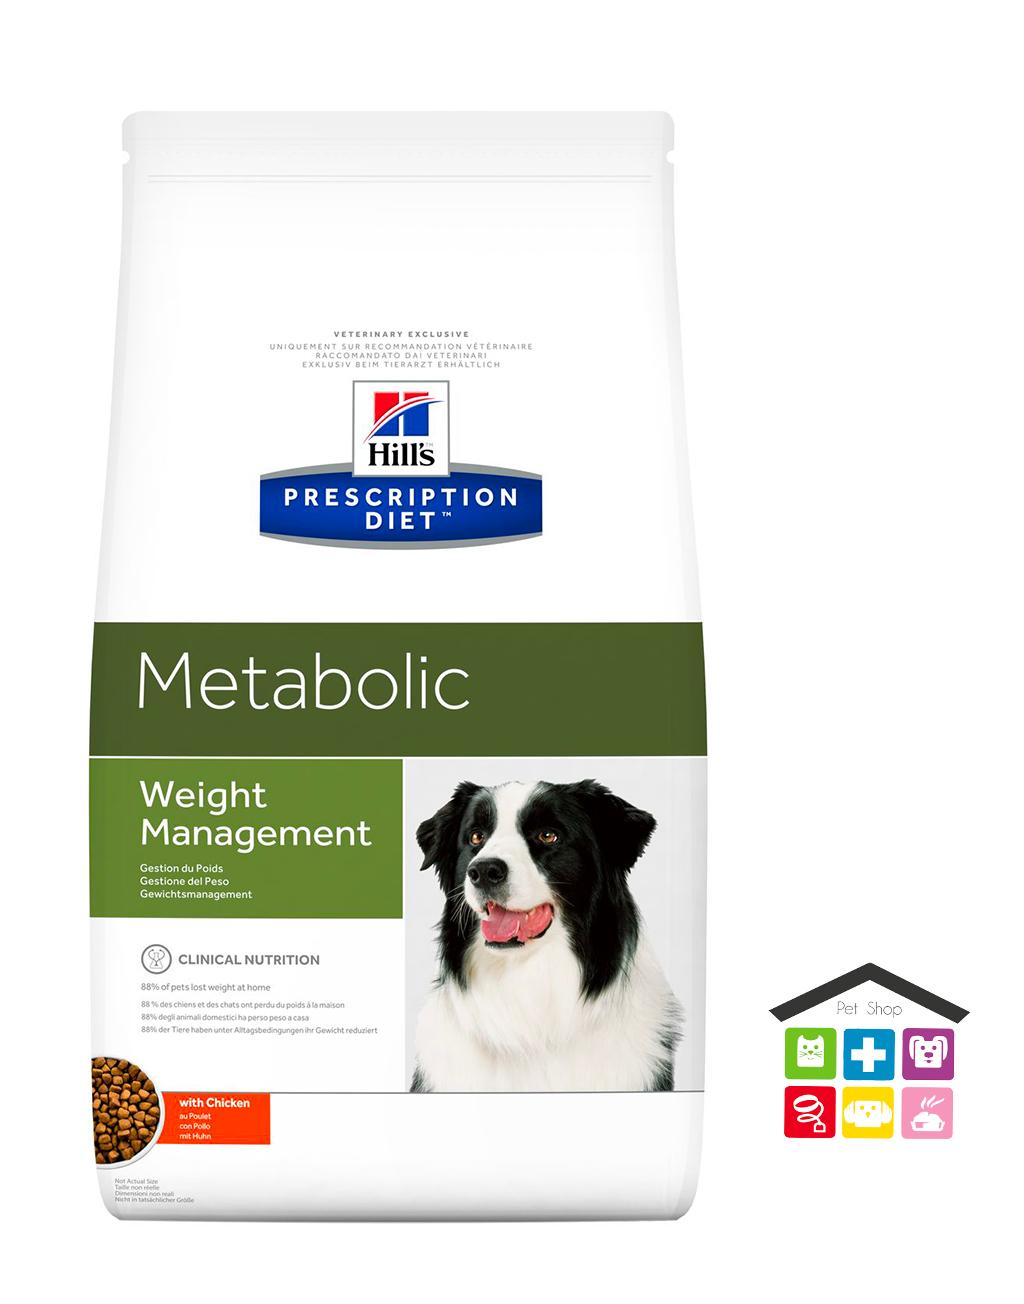 Hill's PRESCRIPTION DIET Metabolic Alimento per Cani con Pollo